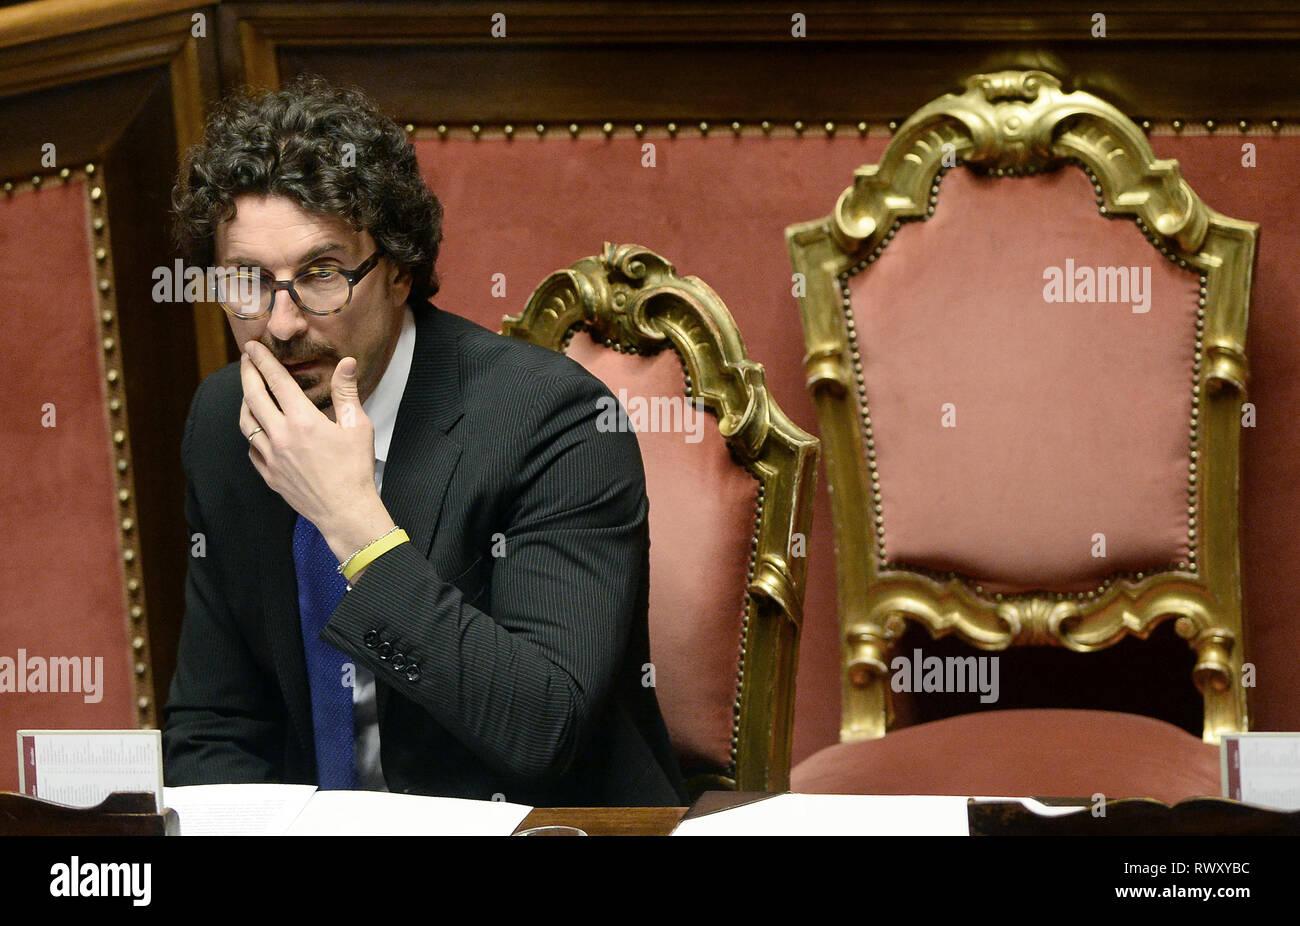 Foto Fabio Cimaglia / LaPresse 07-03-2019 Roma Politica Senato. Question Time Nella foto Danilo Toninelli   Photo Fabio Cimaglia / LaPresse 07-03-2019 Roma (Italy) Politic Senate. Question Time In the pic Danilo Toninelli - Stock Image